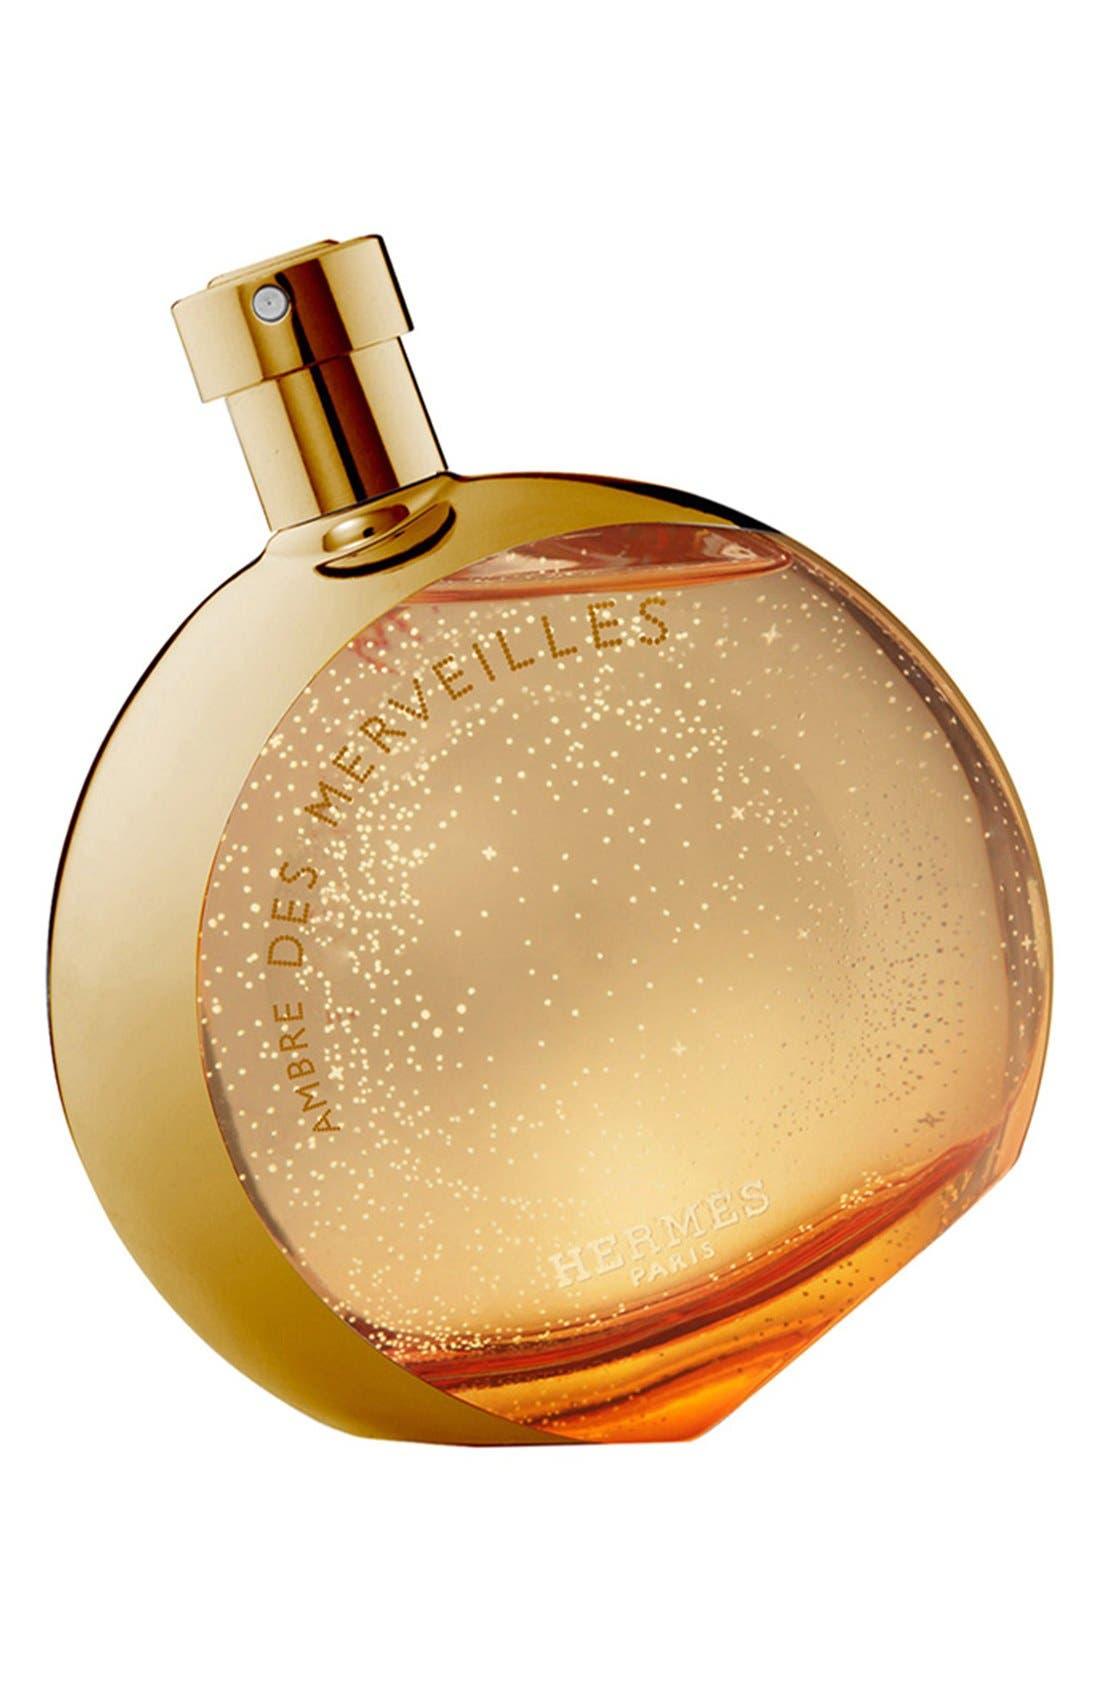 Eau de Merveilles L'Ambre des Merveilles - Limited edition collector eau de parfum,                             Main thumbnail 1, color,                             000